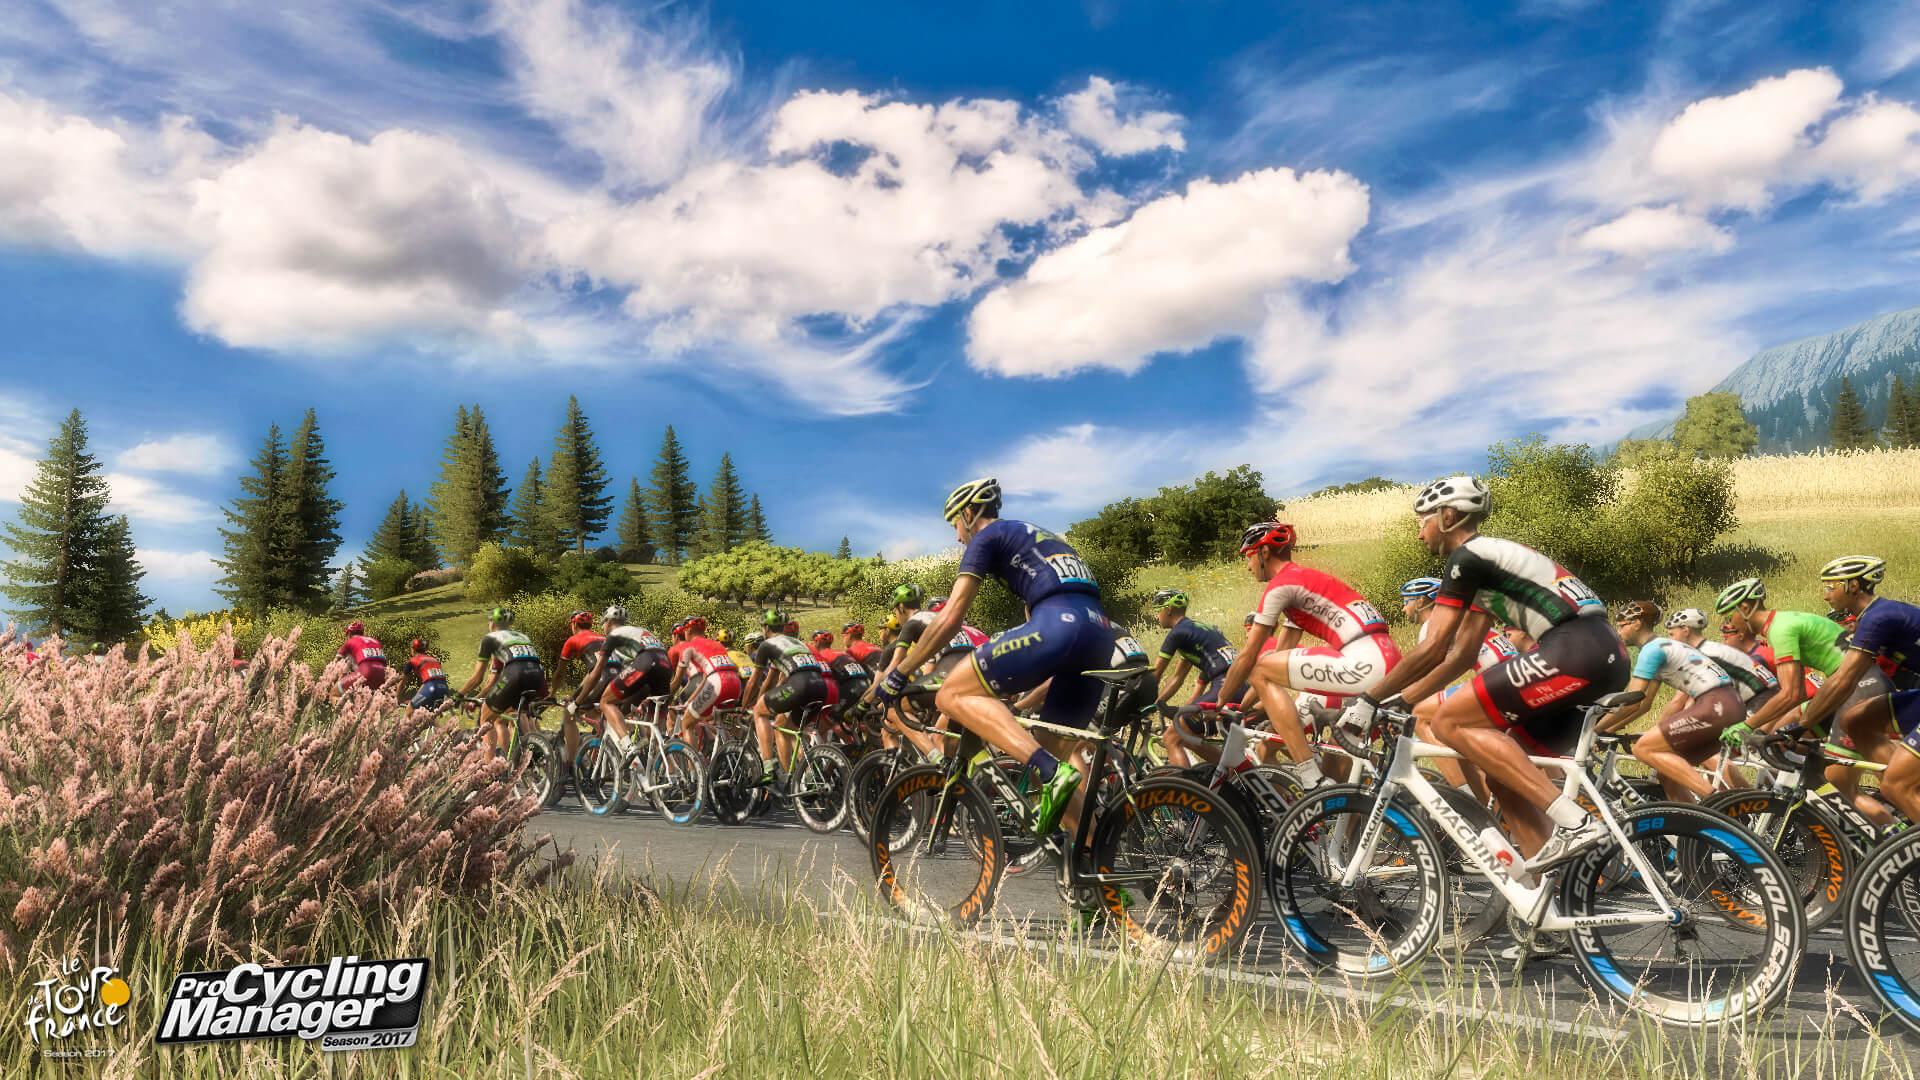 Tour de France 2017 1920x1080